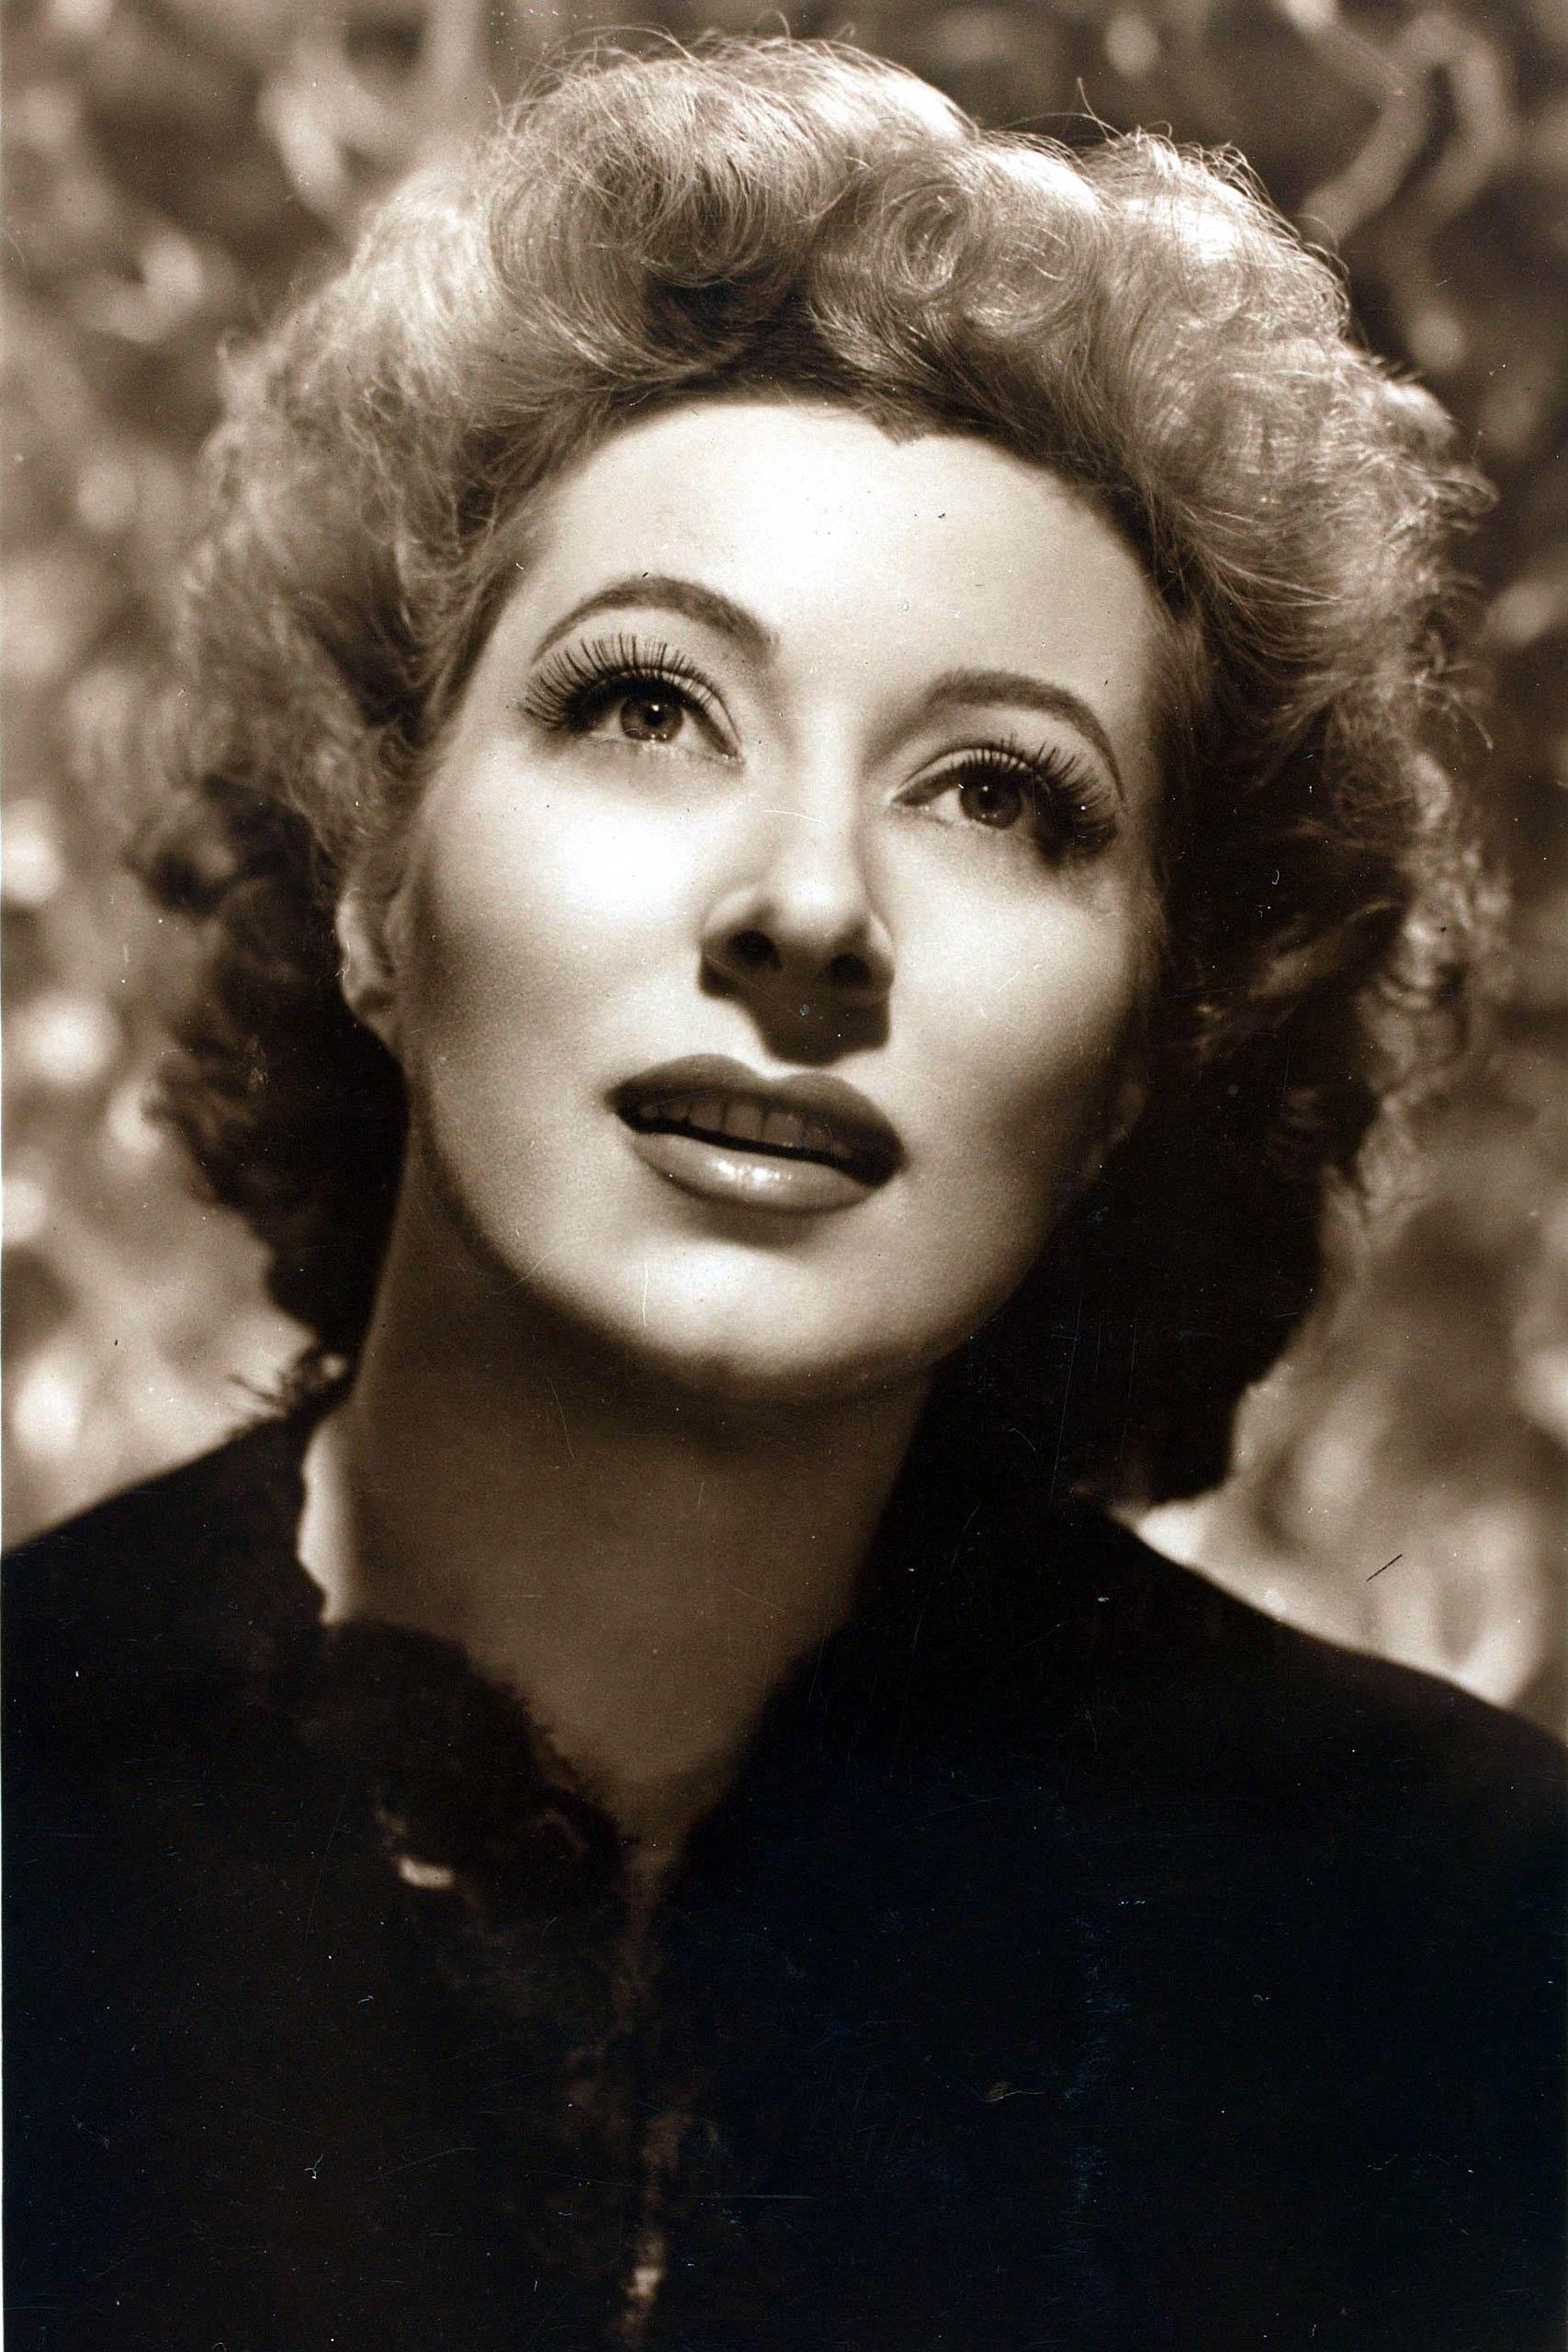 <strong>1943: Greer Garson - <i>Mrs. Miniver</i></strong>